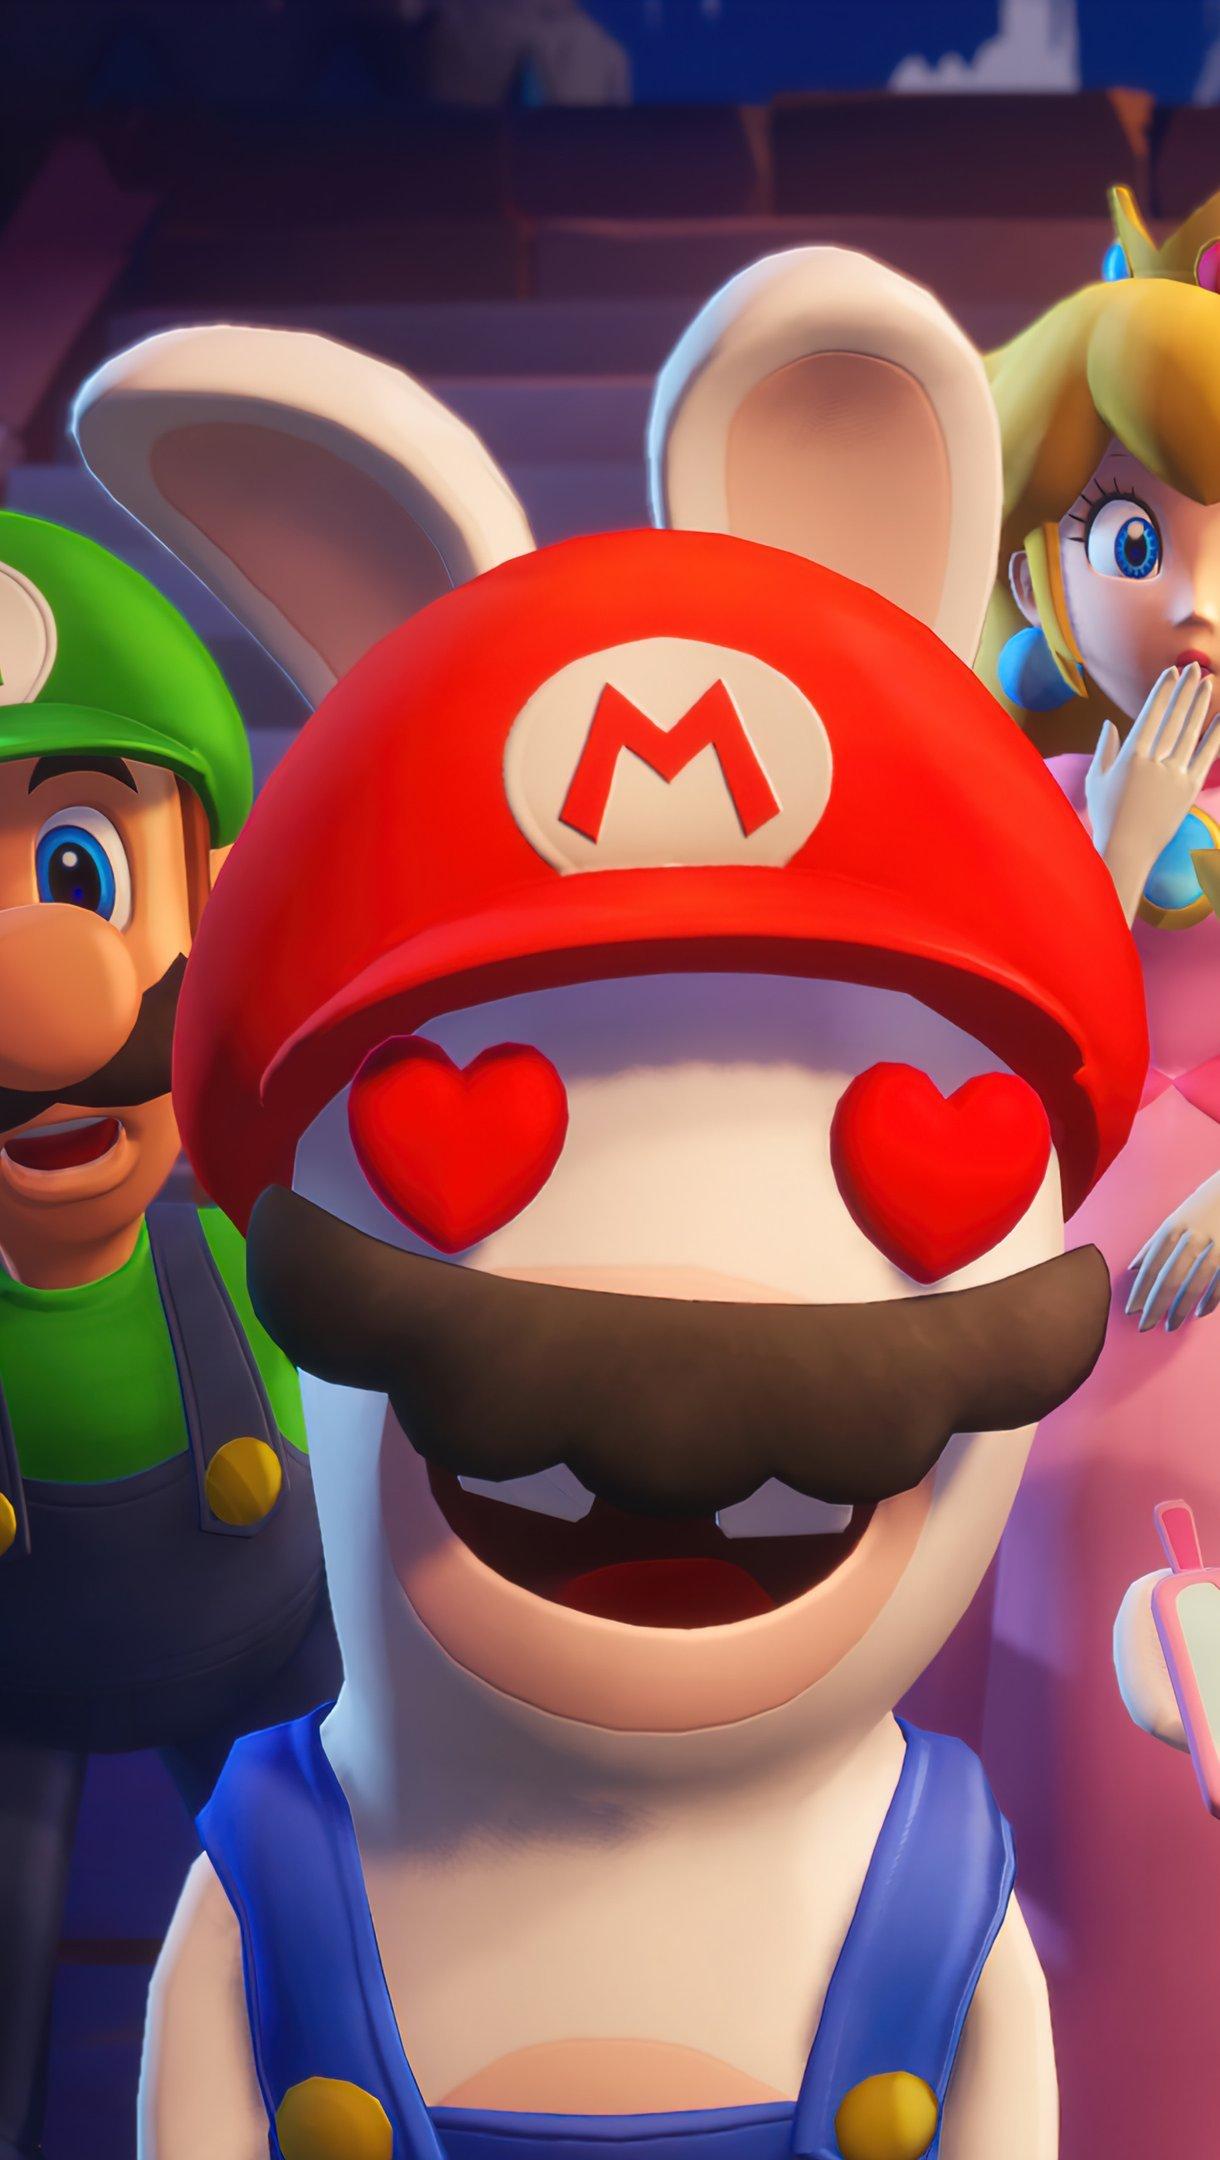 Fondos de pantalla Mario + Rabbids Sparks of Hope Vertical